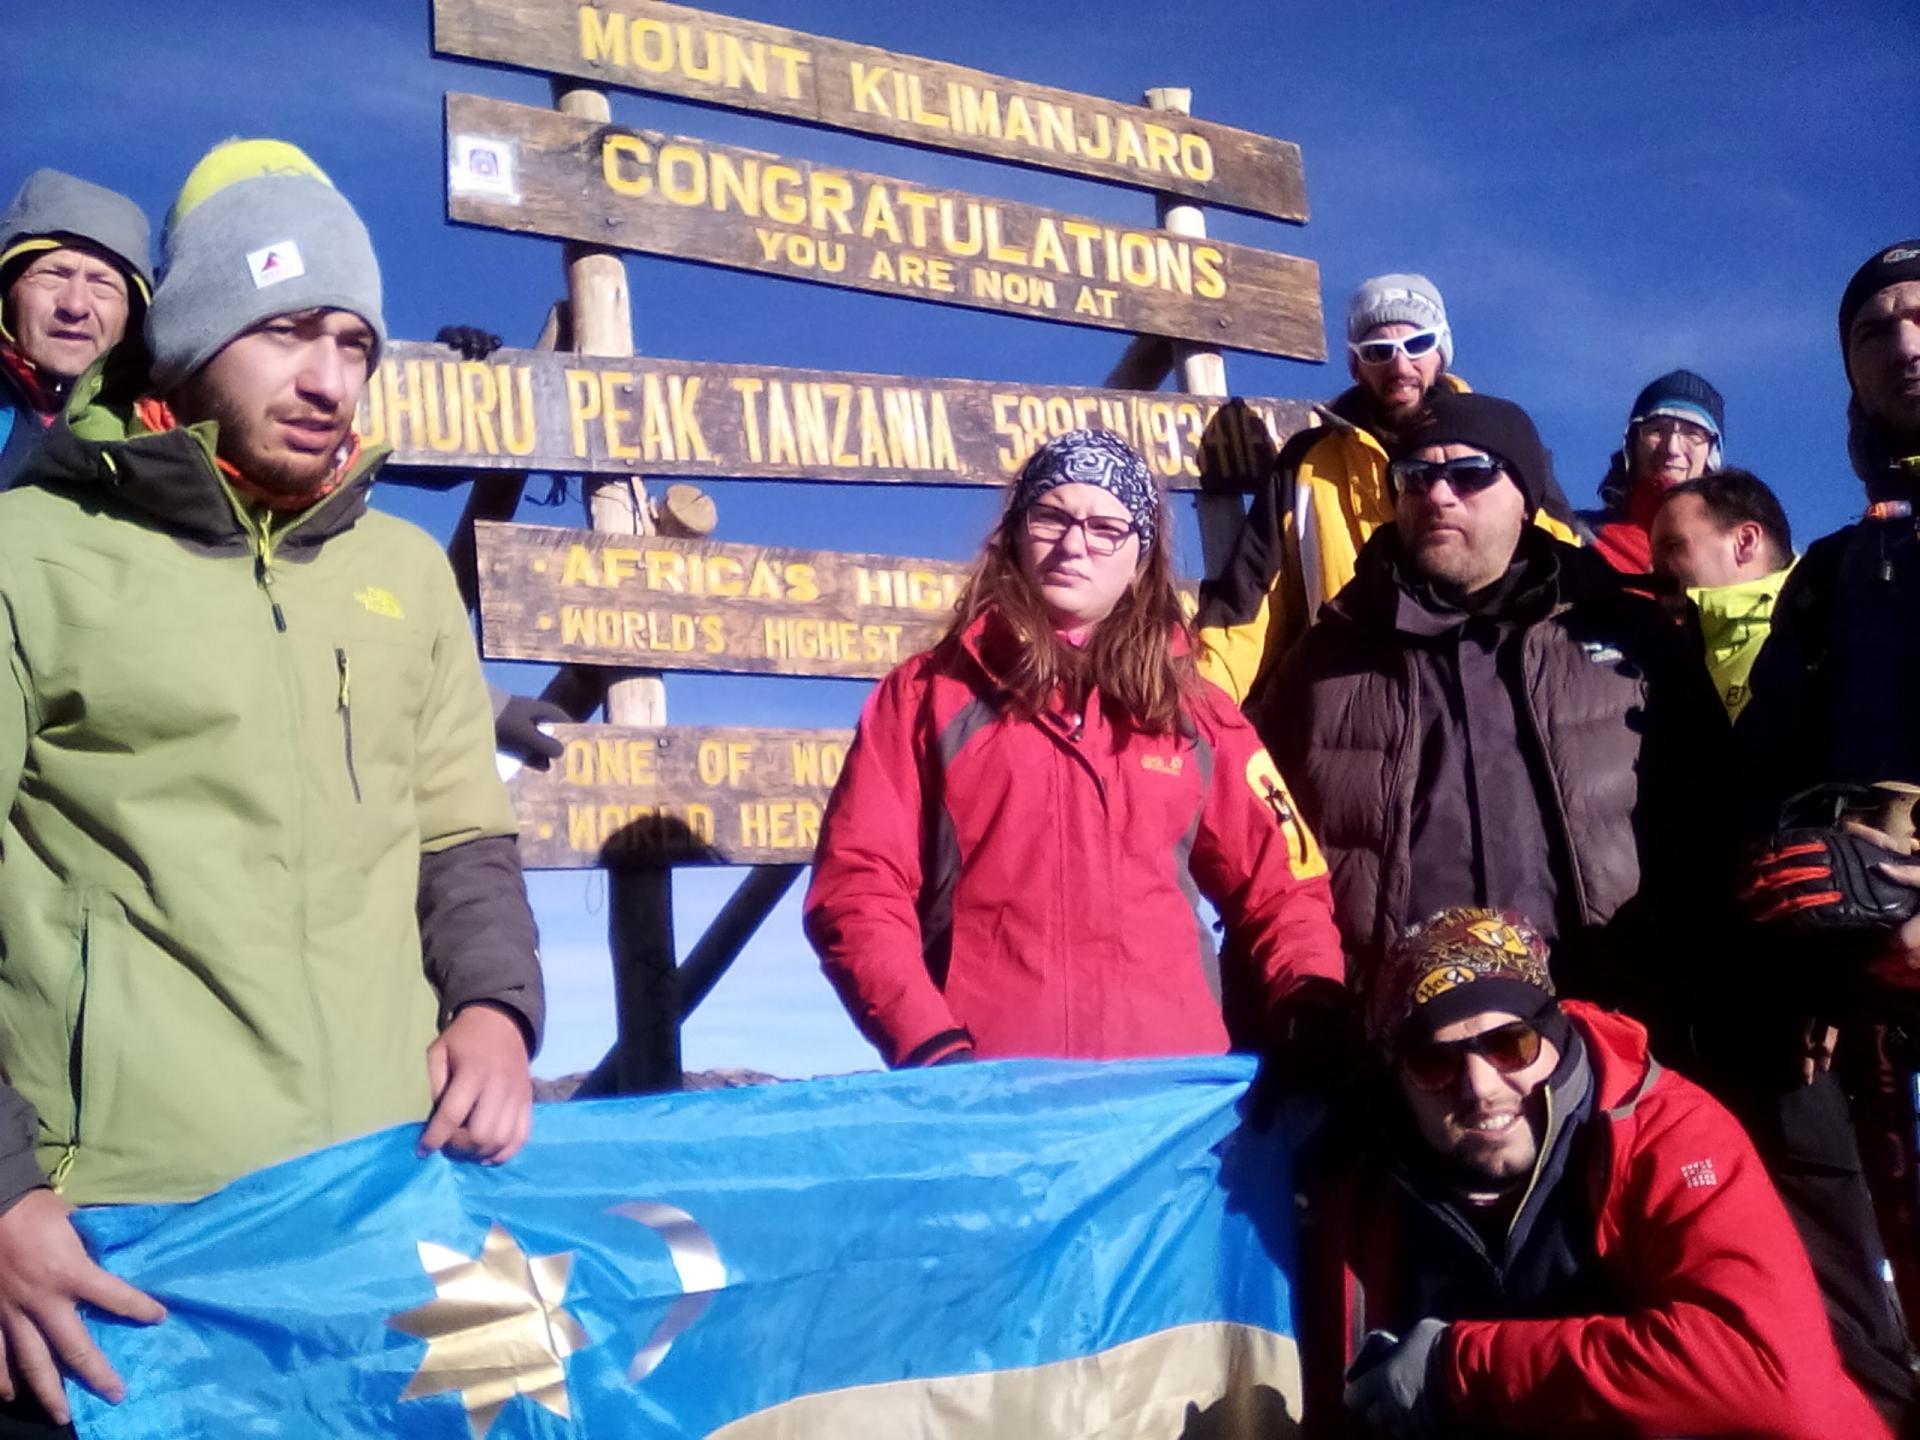 trek Kilimanjaro, climbing mount Kilimanjaro, hiking mount Kilimanjaro, yha Kenya travel Kilimanjaro holidays, mount Kilimanjaro, climb Kilimanjaro, climb mount kiimanjaro